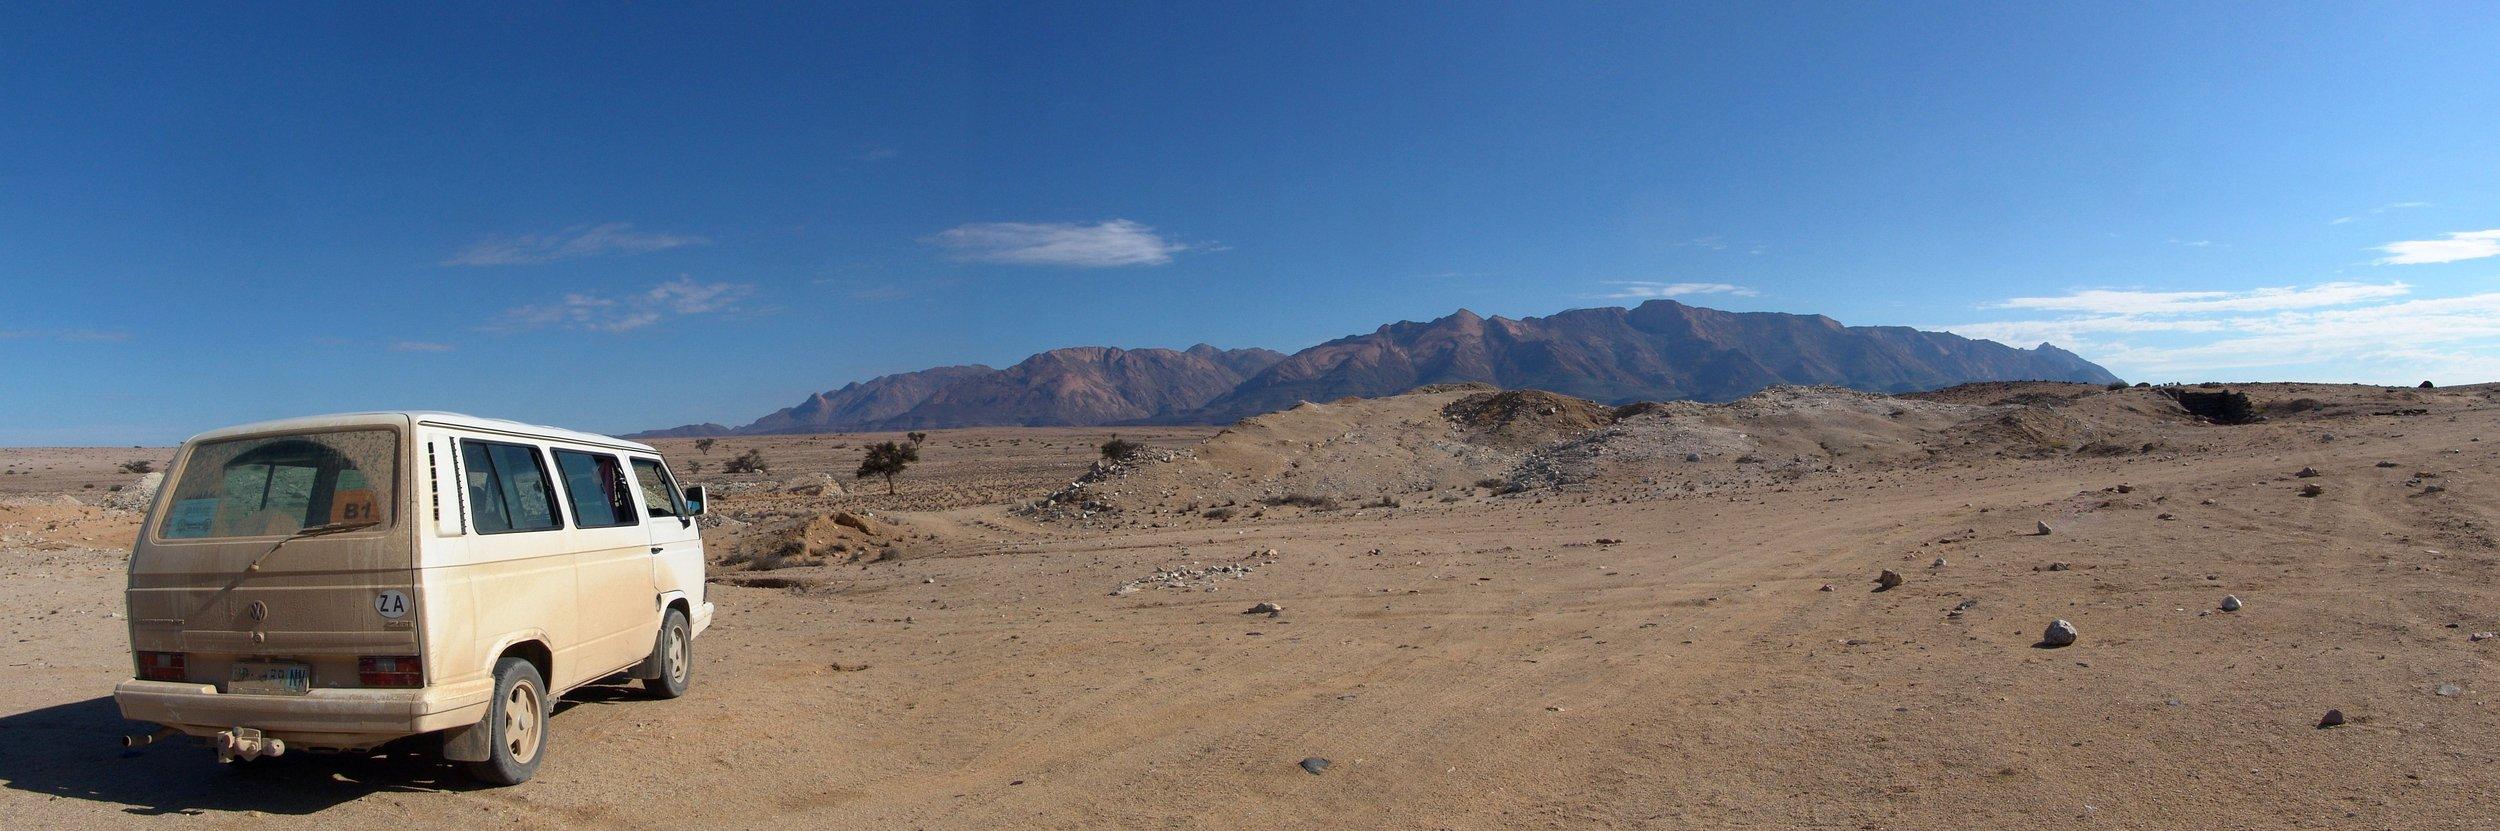 2008 - Road-trip to Brandberg Mountain near Uis, Namibia